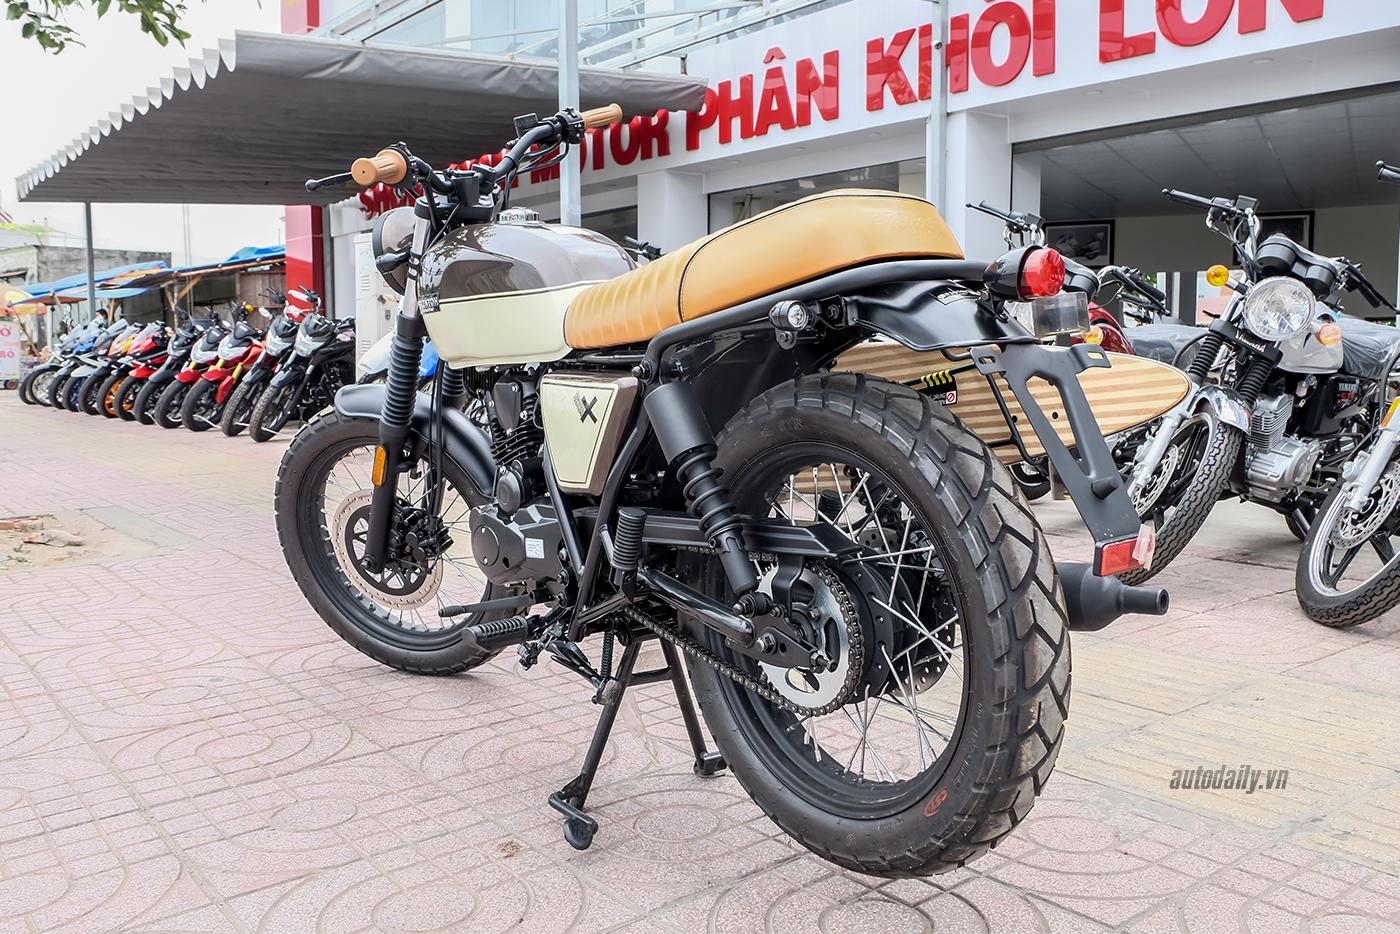 brixton-bx-150-classic-ltd-11.jpg